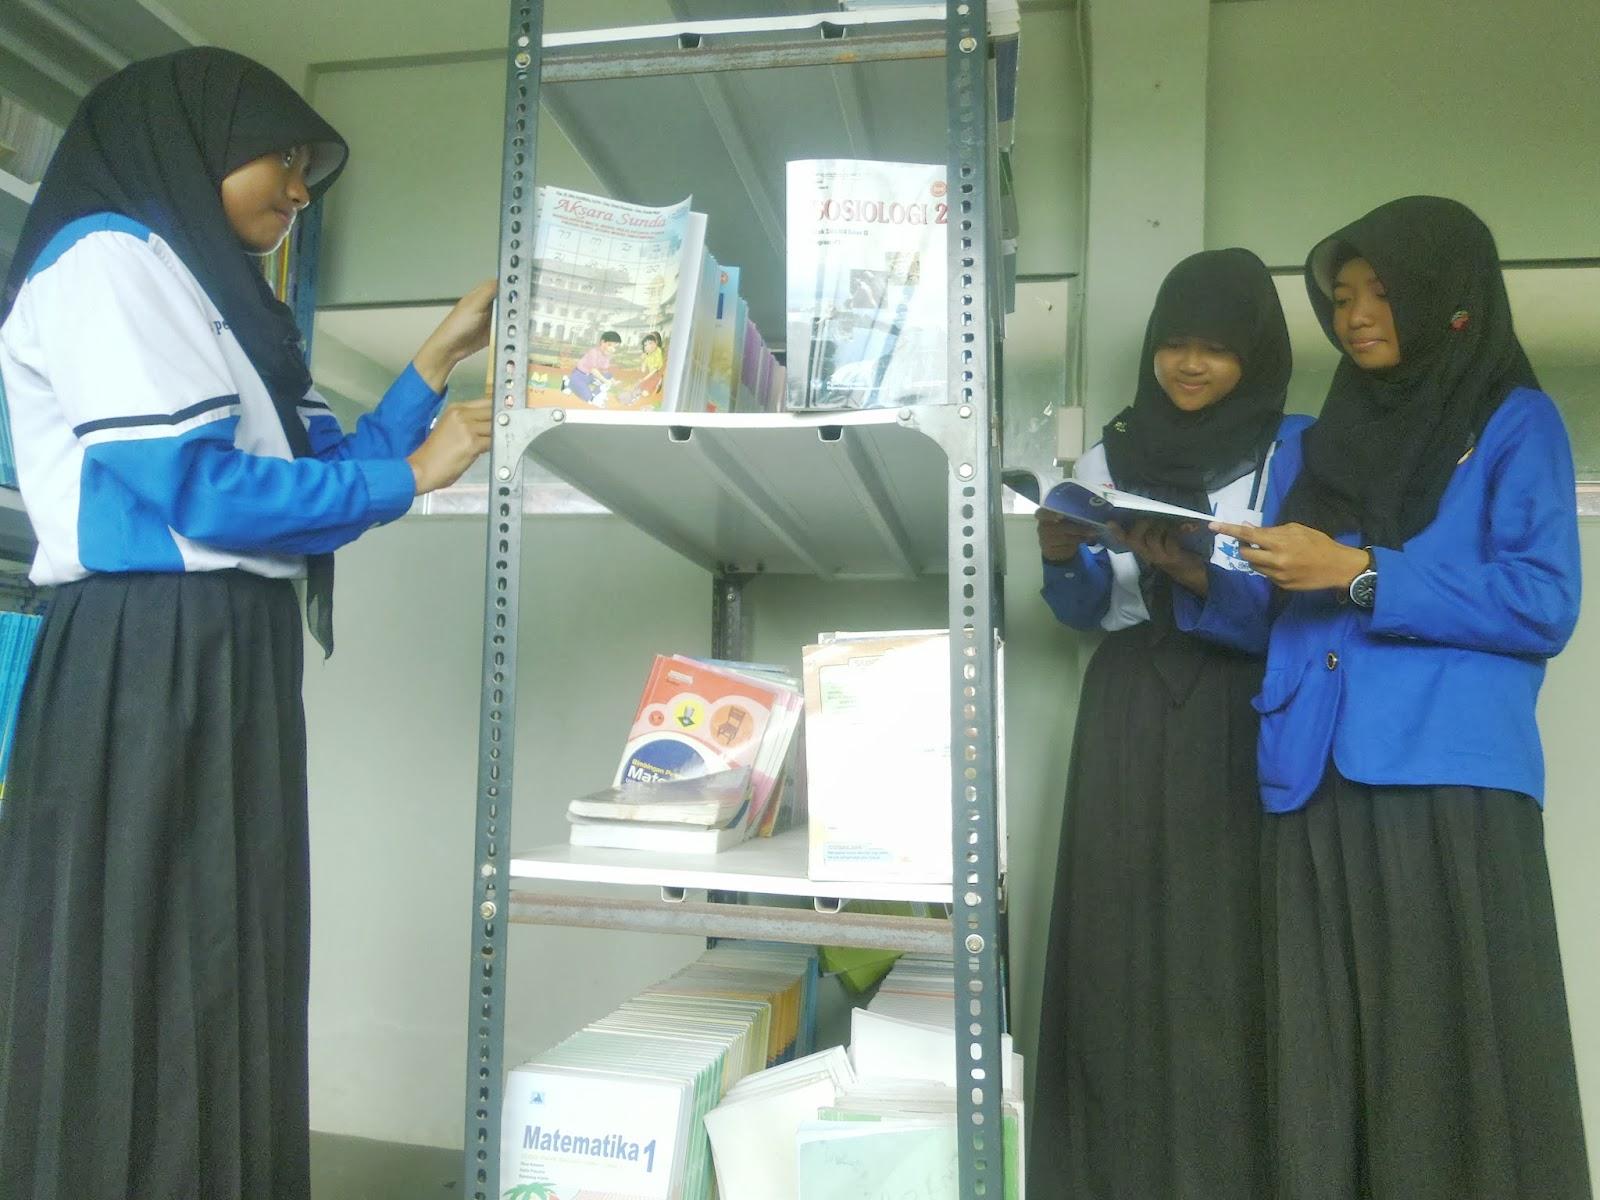 Teman-teman SMK Charnoest sedang mencari buku di perpustakaan